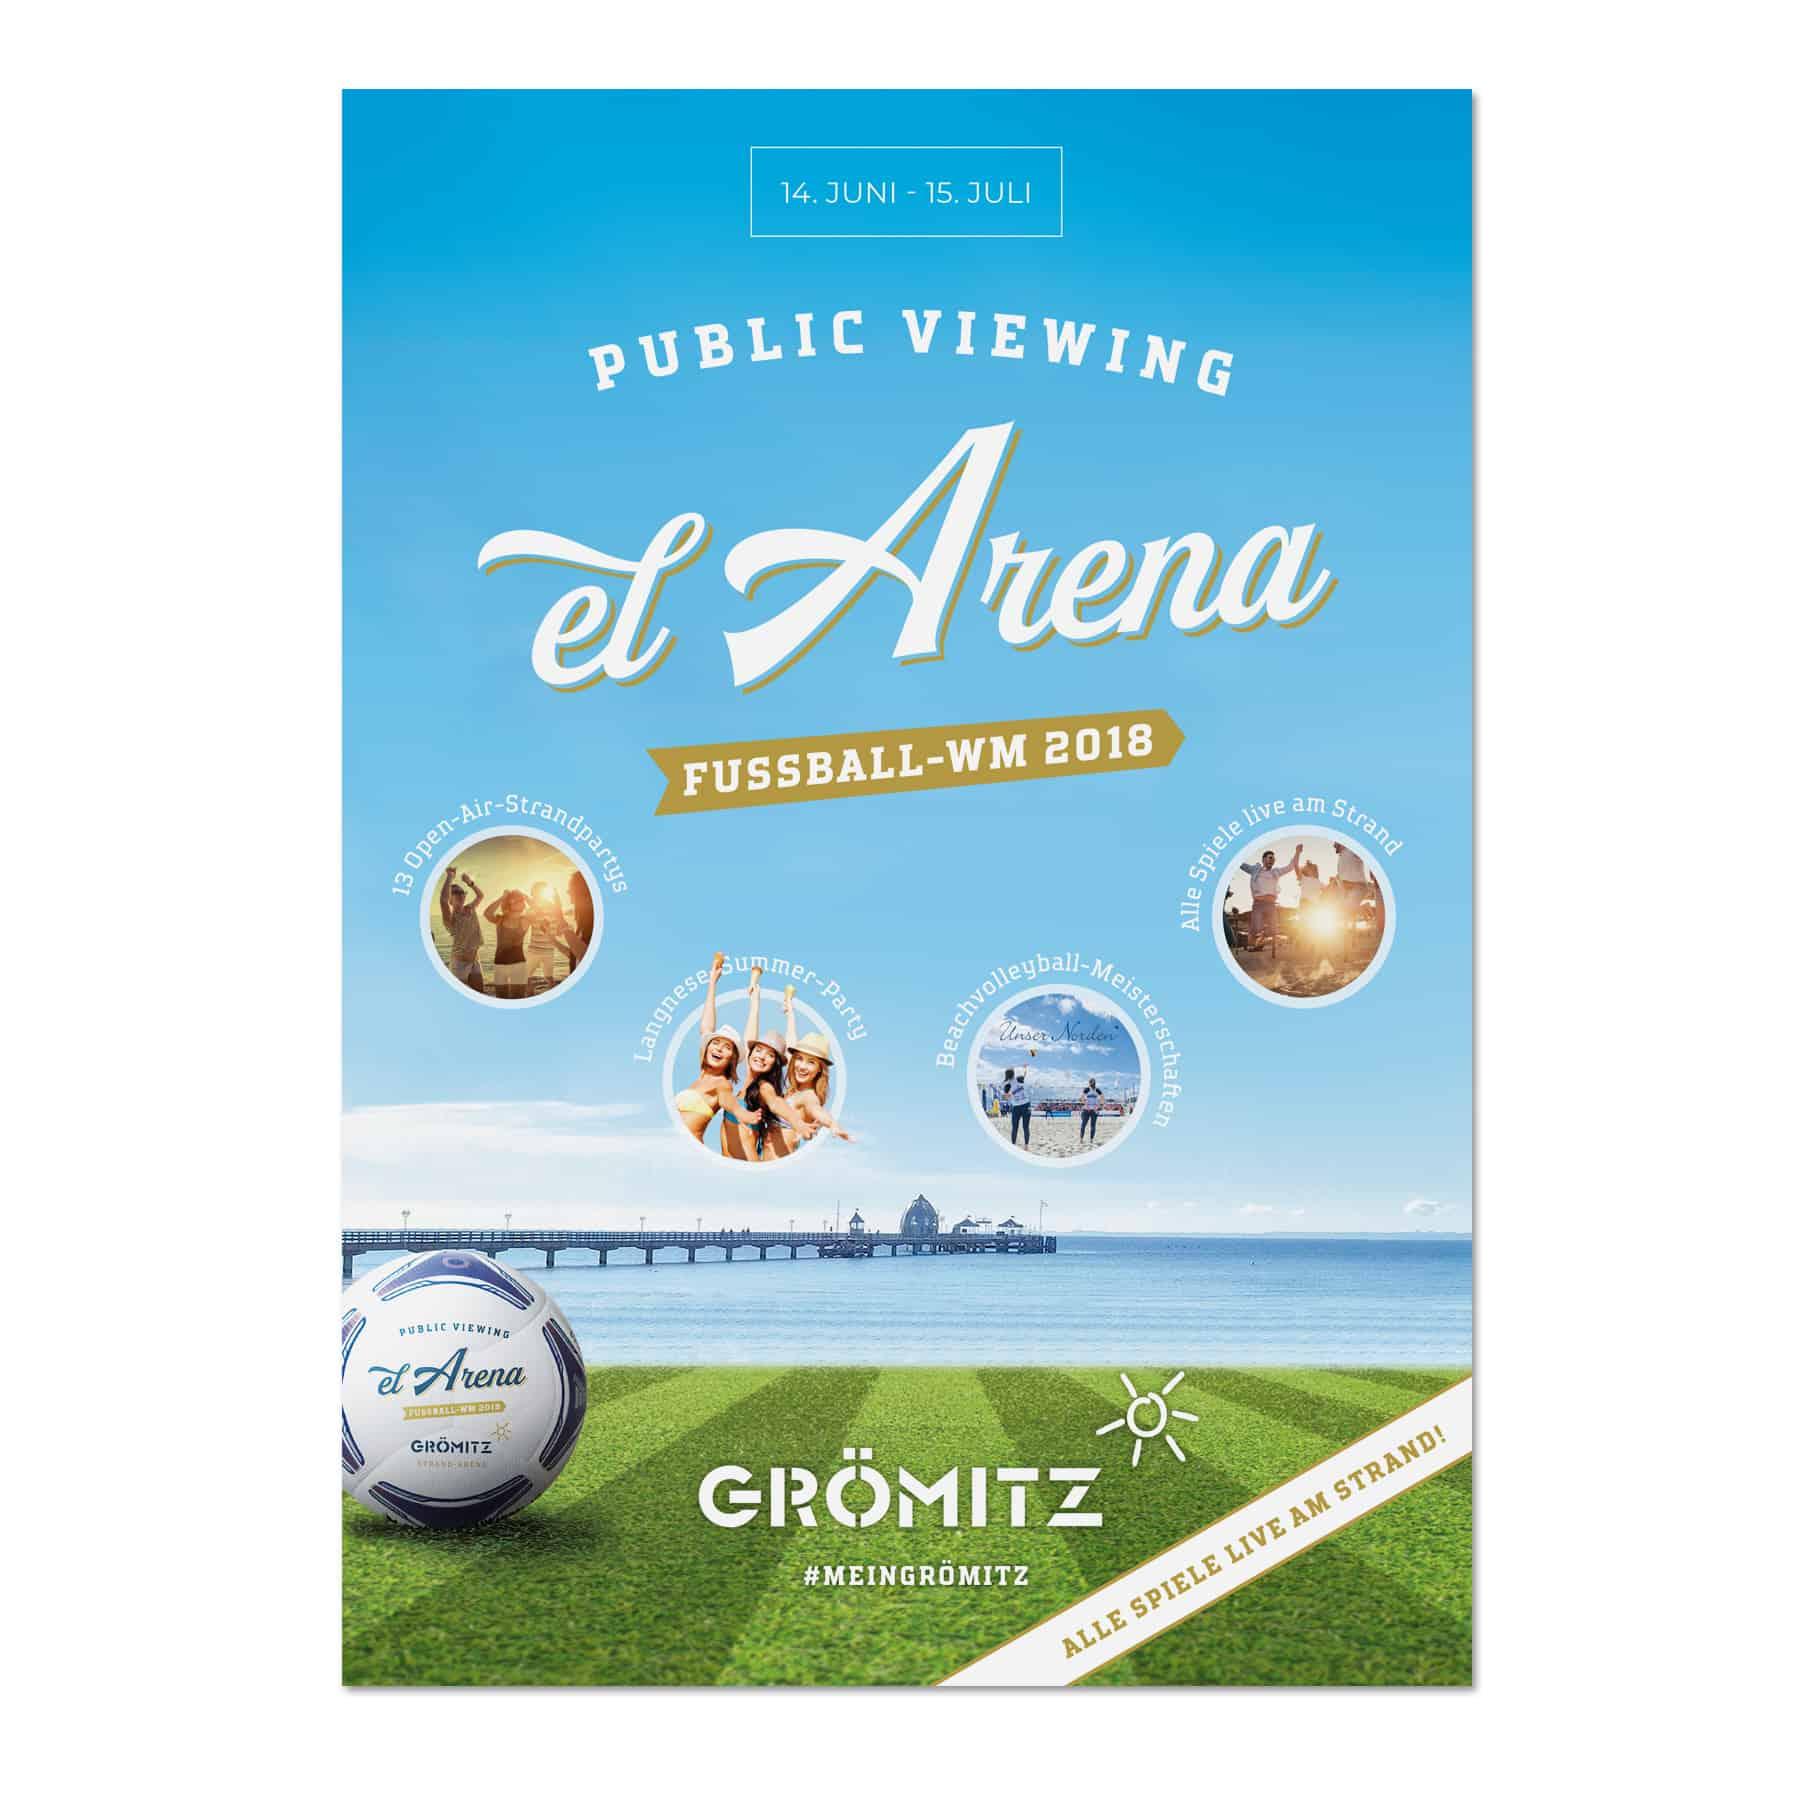 La Deutsche Vita - Drucksachen Plakat Public Viewing Grömitz